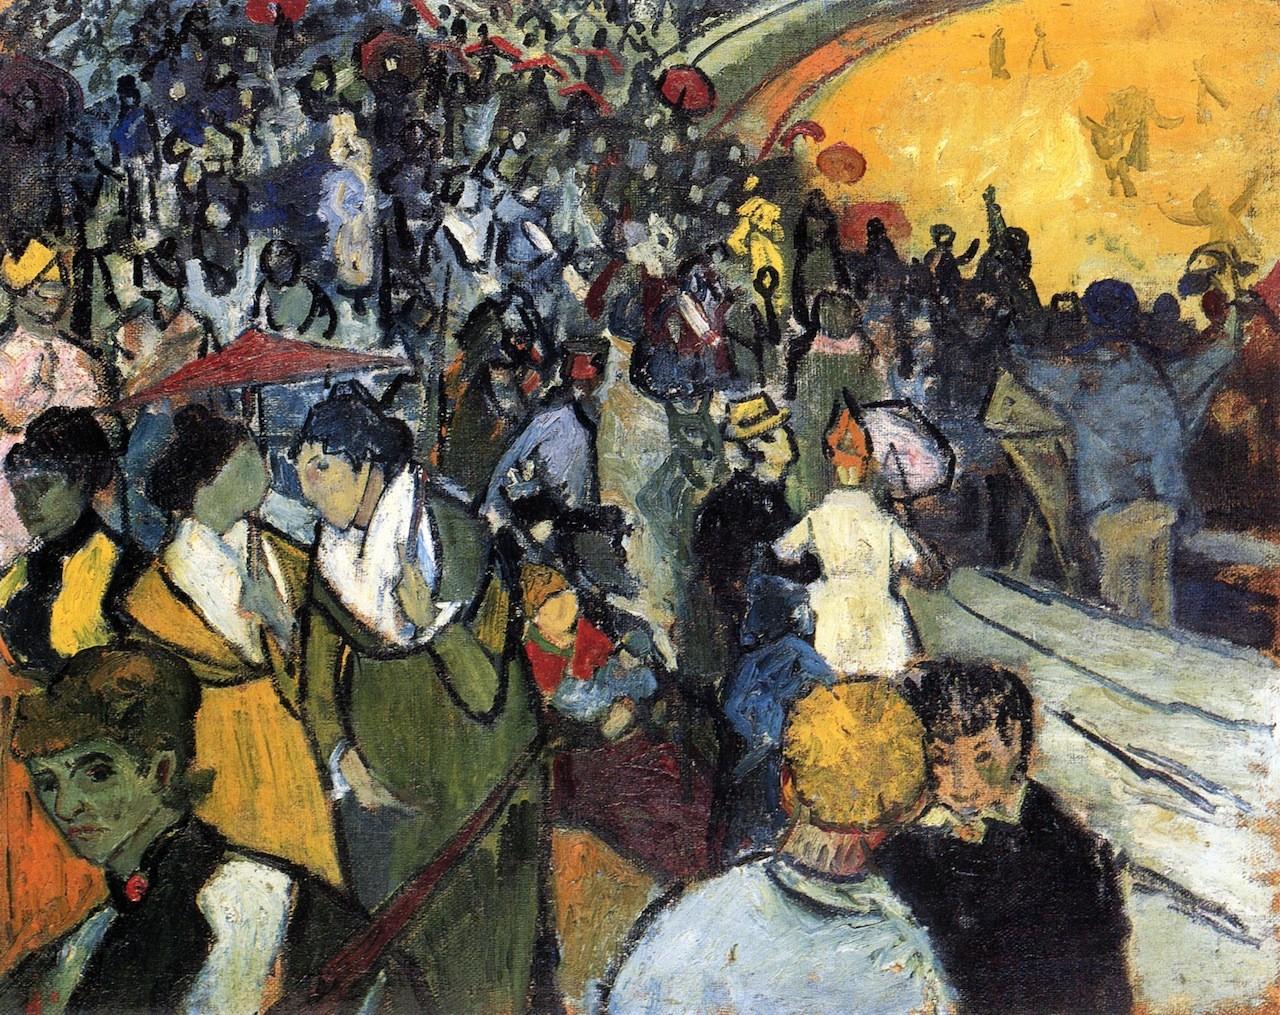 Arena at Arles, 1888 Vincent van Gogh